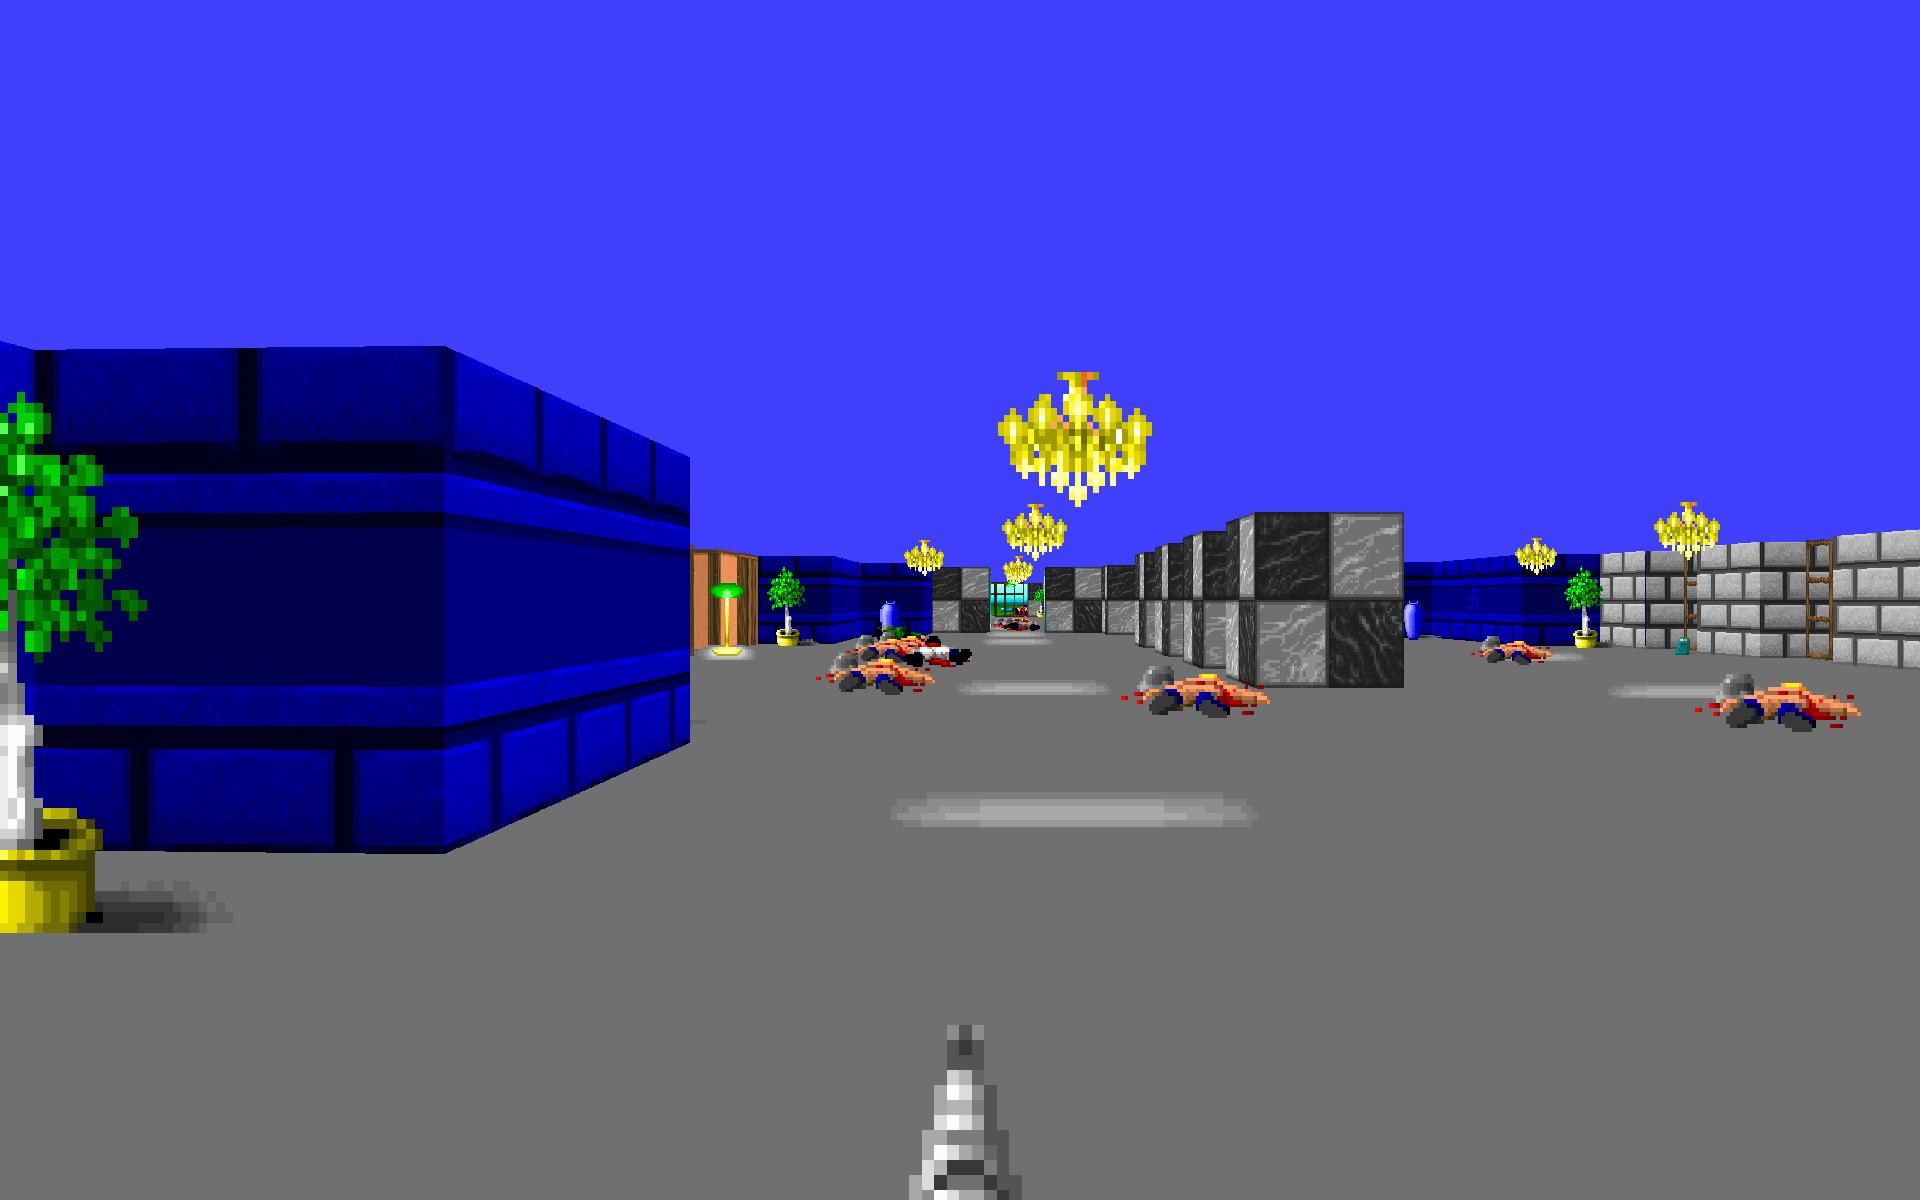 E2M8: Acid Trip in Legoland